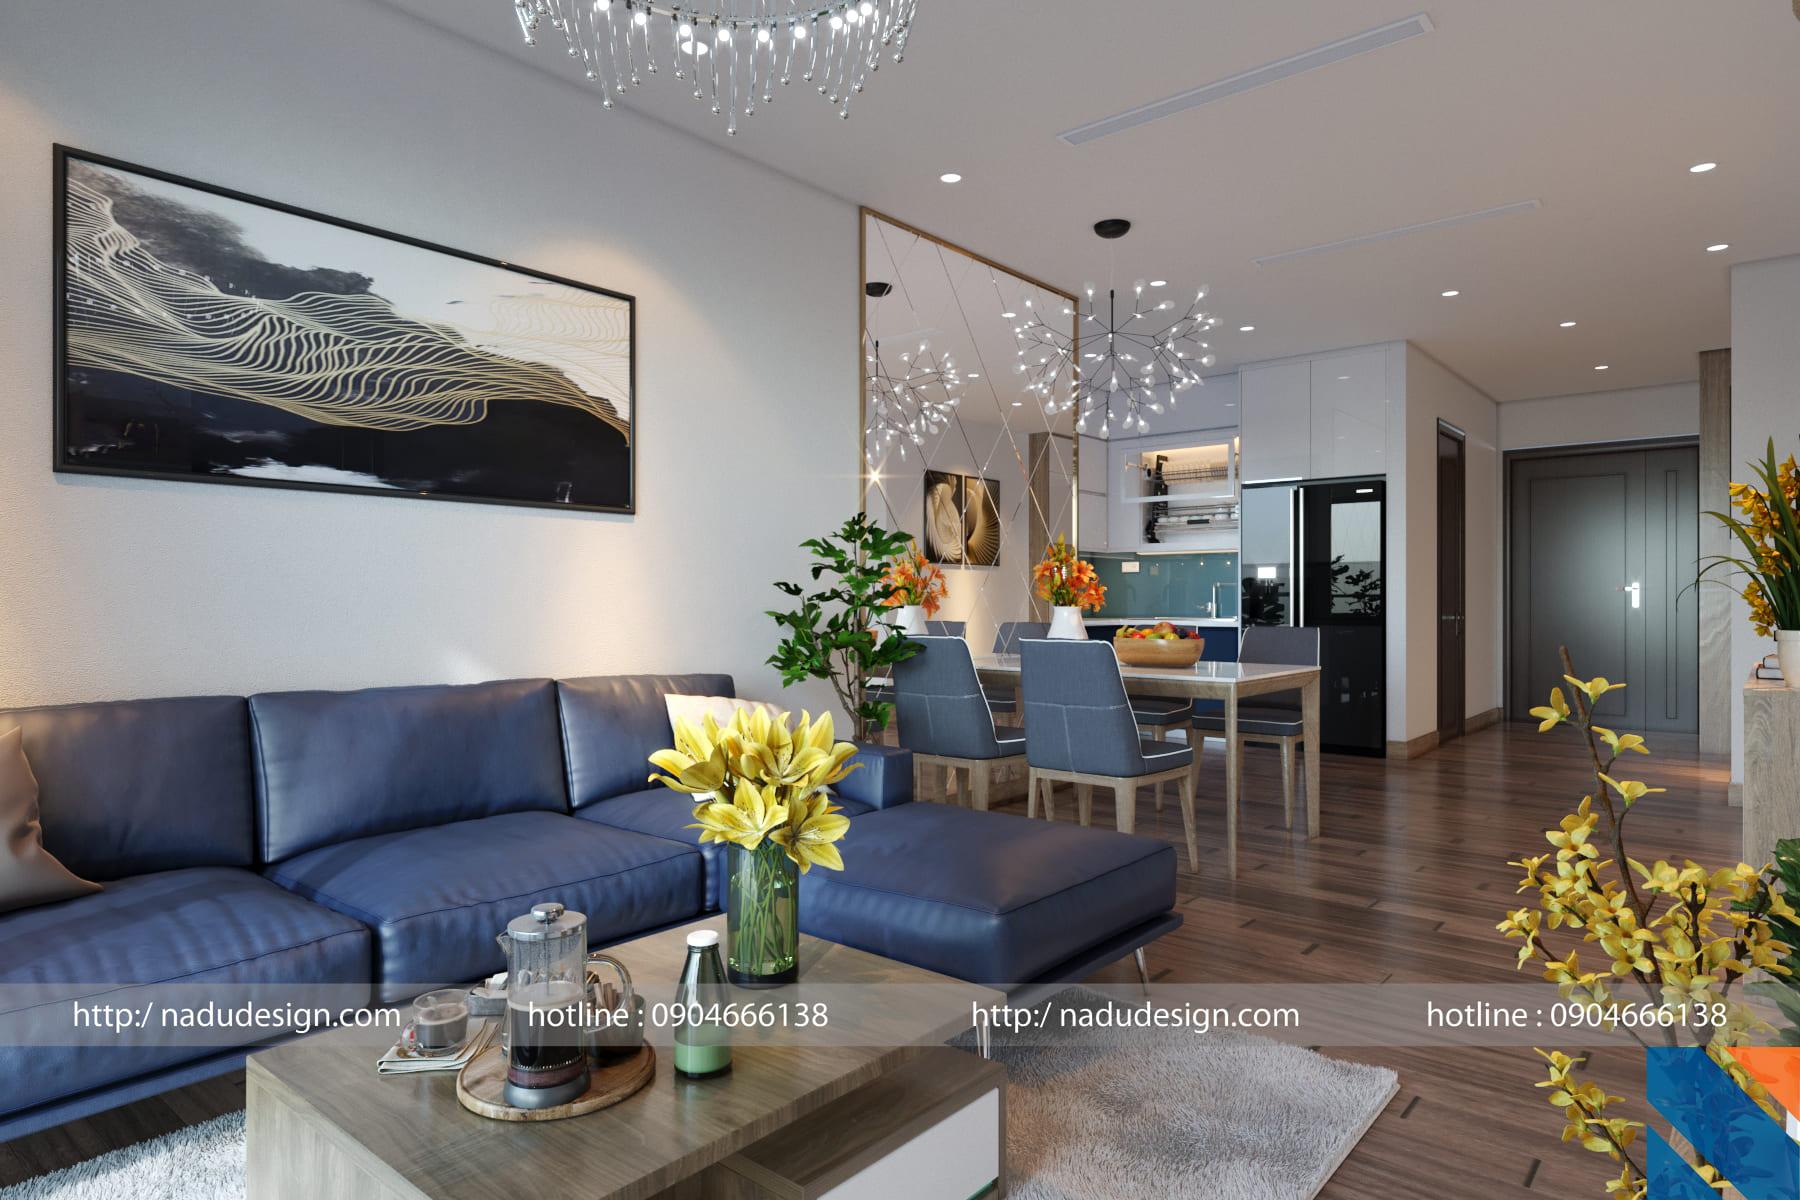 Thiết kế nội thất chung cư 100m2 đẹp và sáng tạo